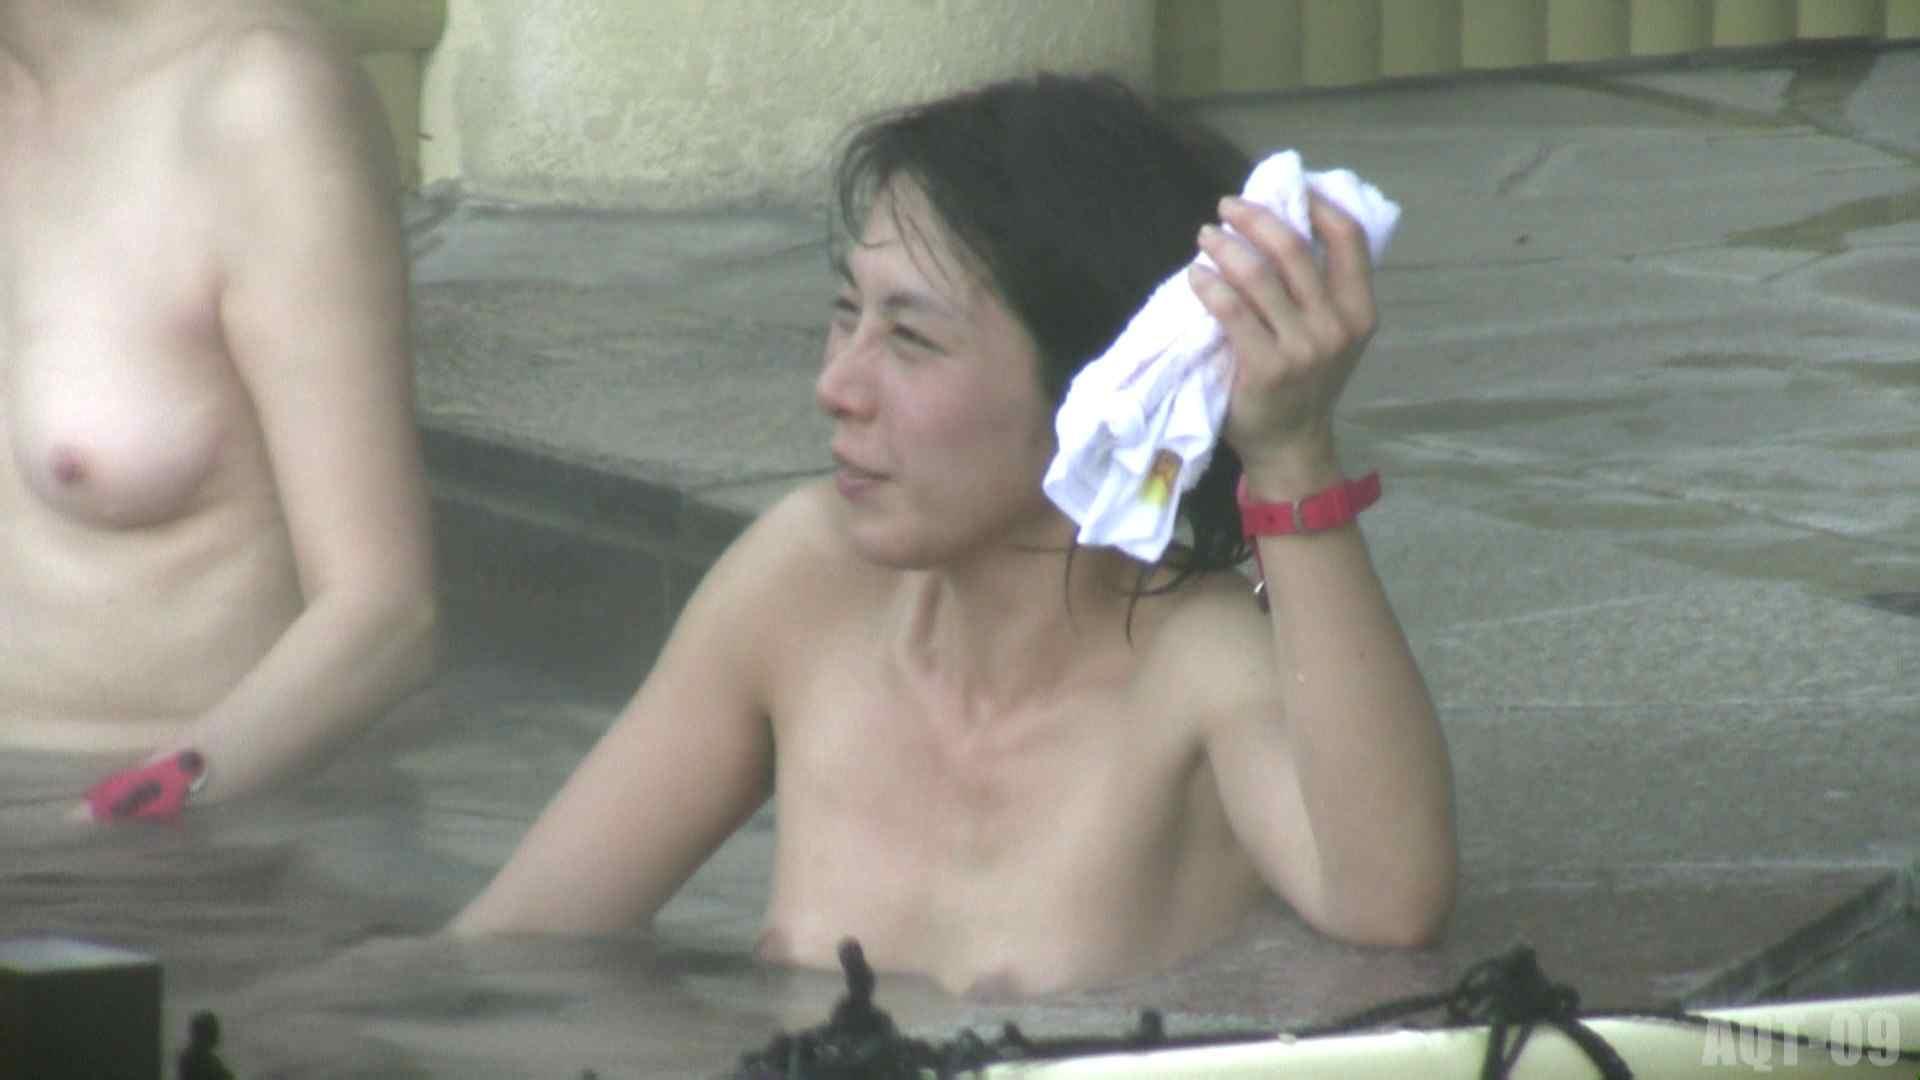 Aquaな露天風呂Vol.788 盗撮師作品   美しいOLの裸体  100pic 16